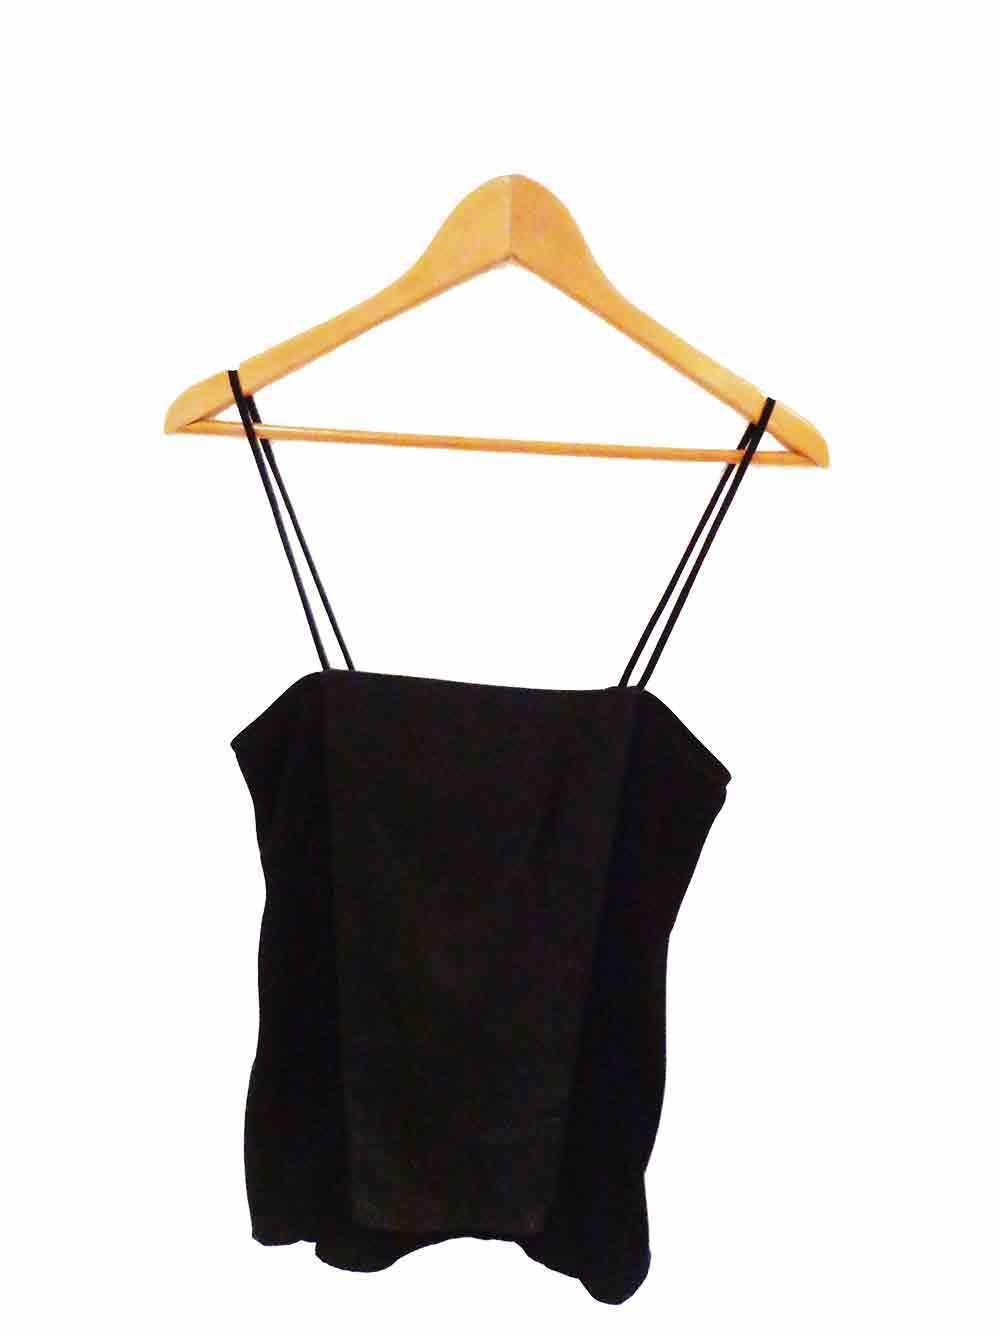 Designer Ginger & Smart Größe 6 schwarz Leather Panel Camisole Style Woherren Top